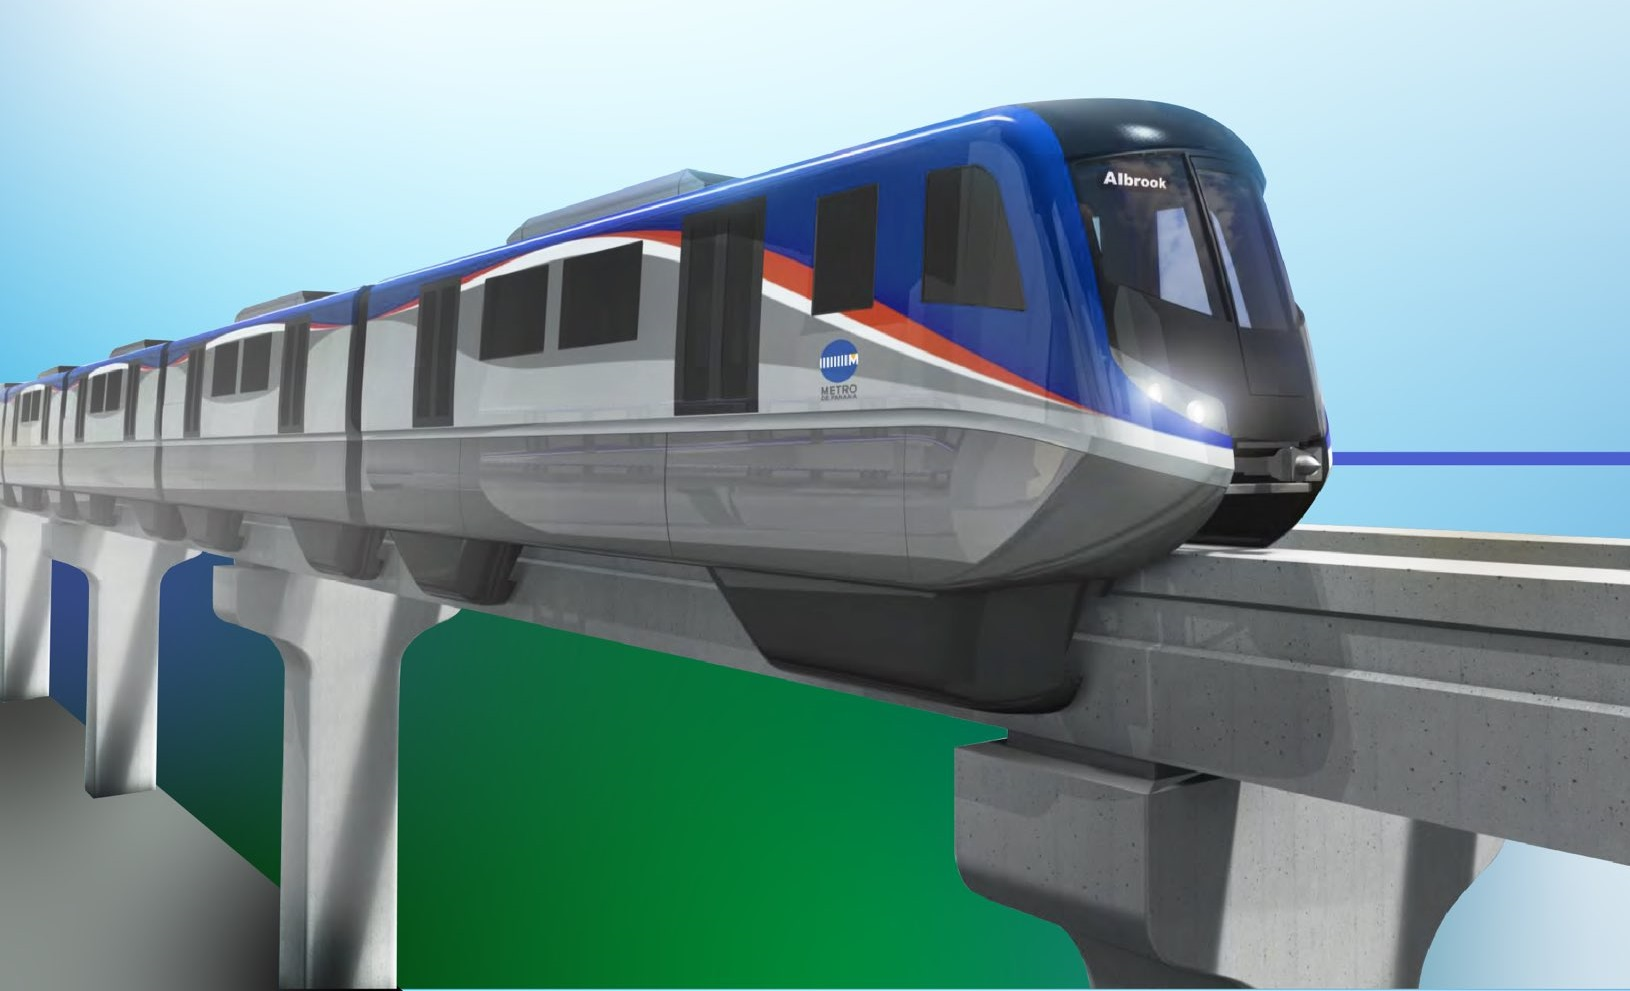 Esta línea contará con 14 estaciones por las que pasará el monorriel, que contará con seis vagones.